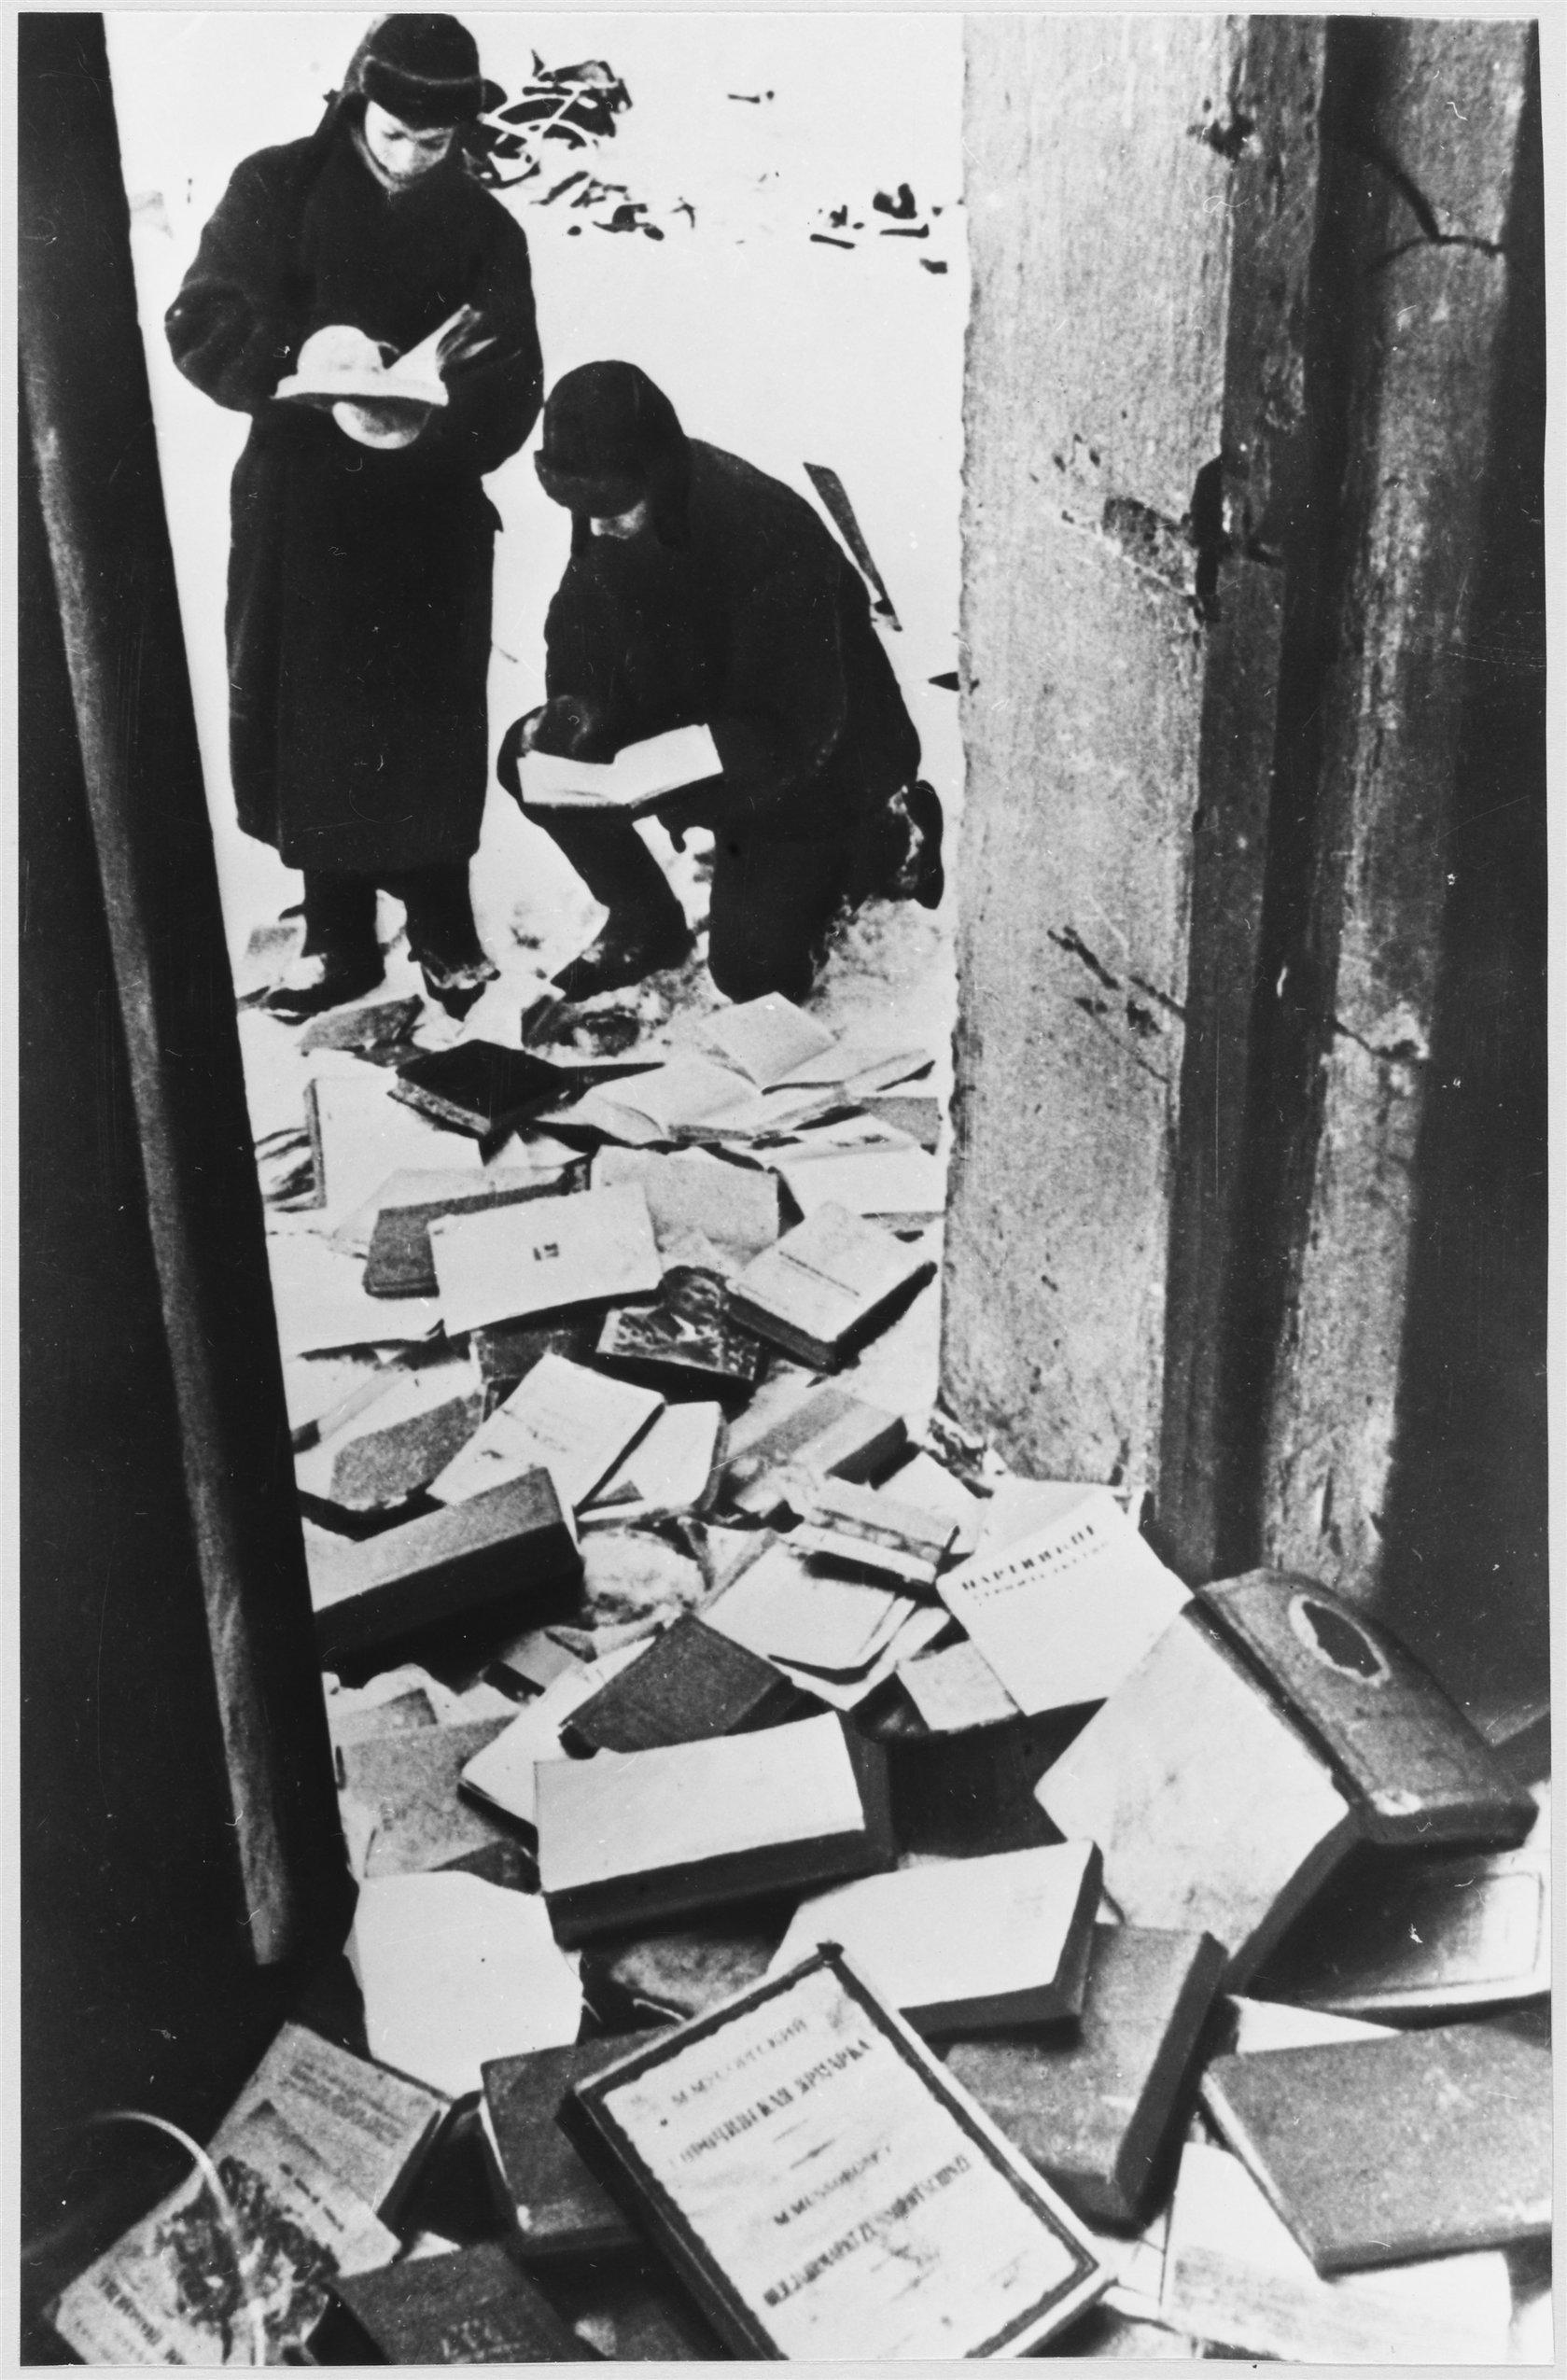 Жилище Льва Толстого, разорённое нацистами в годы Великой Отечественной войны